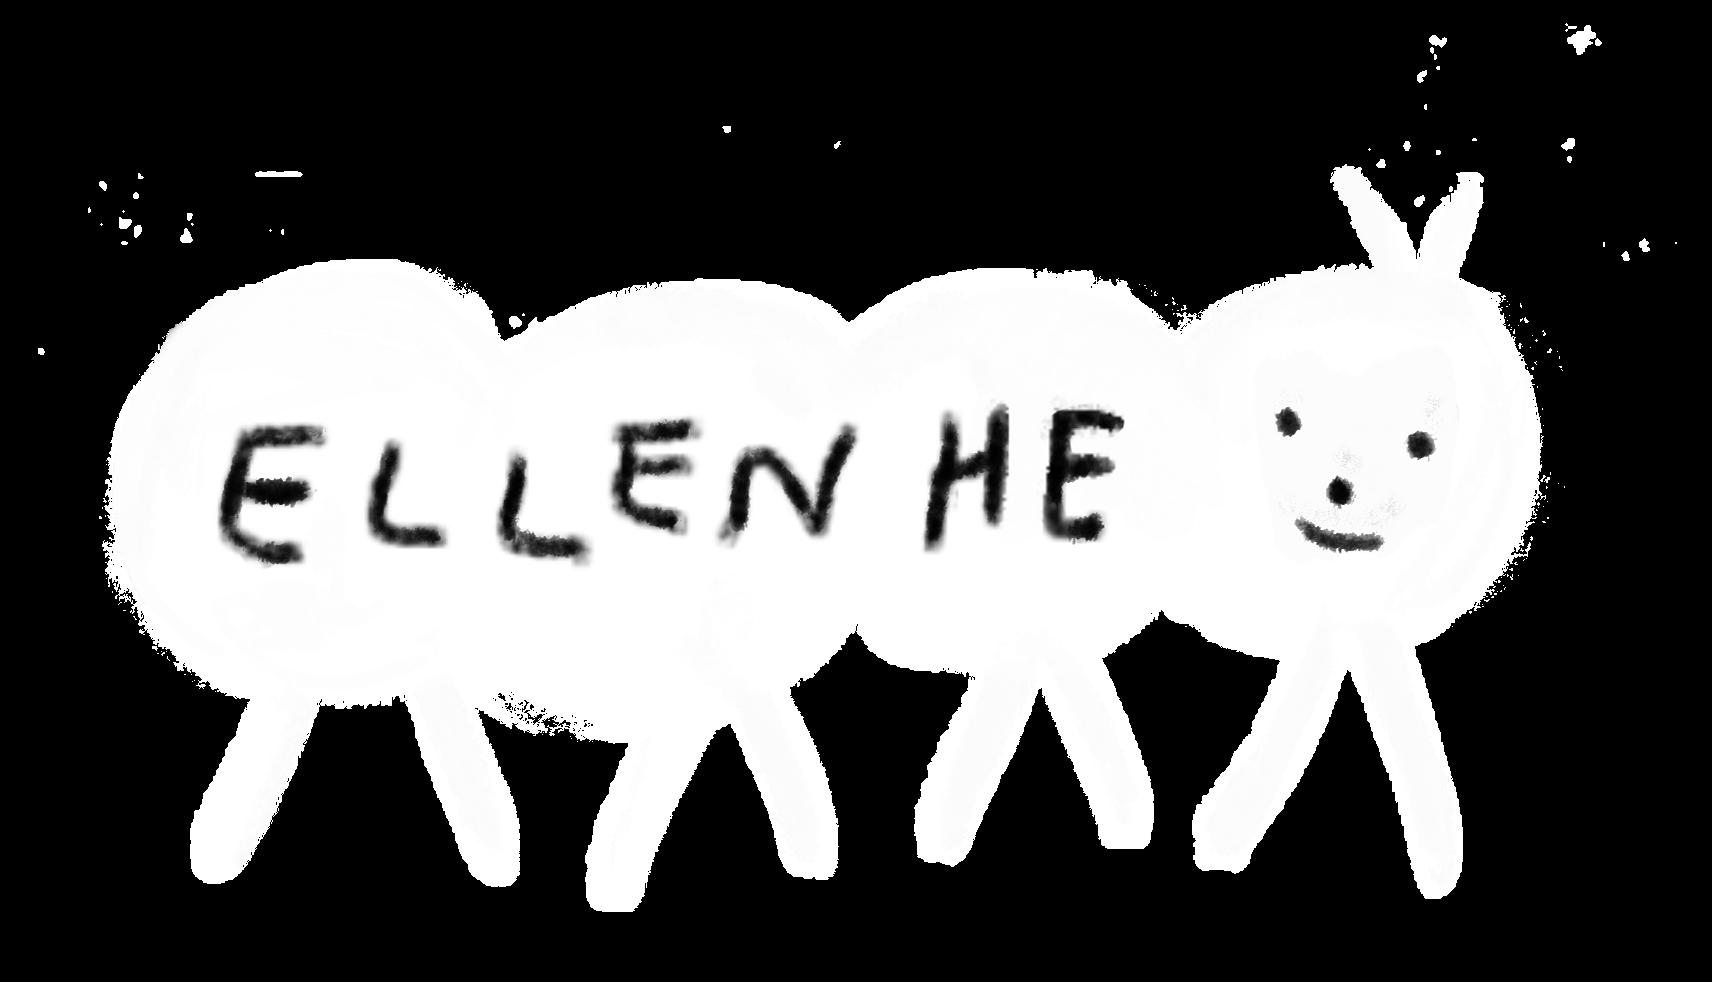 Ellen He